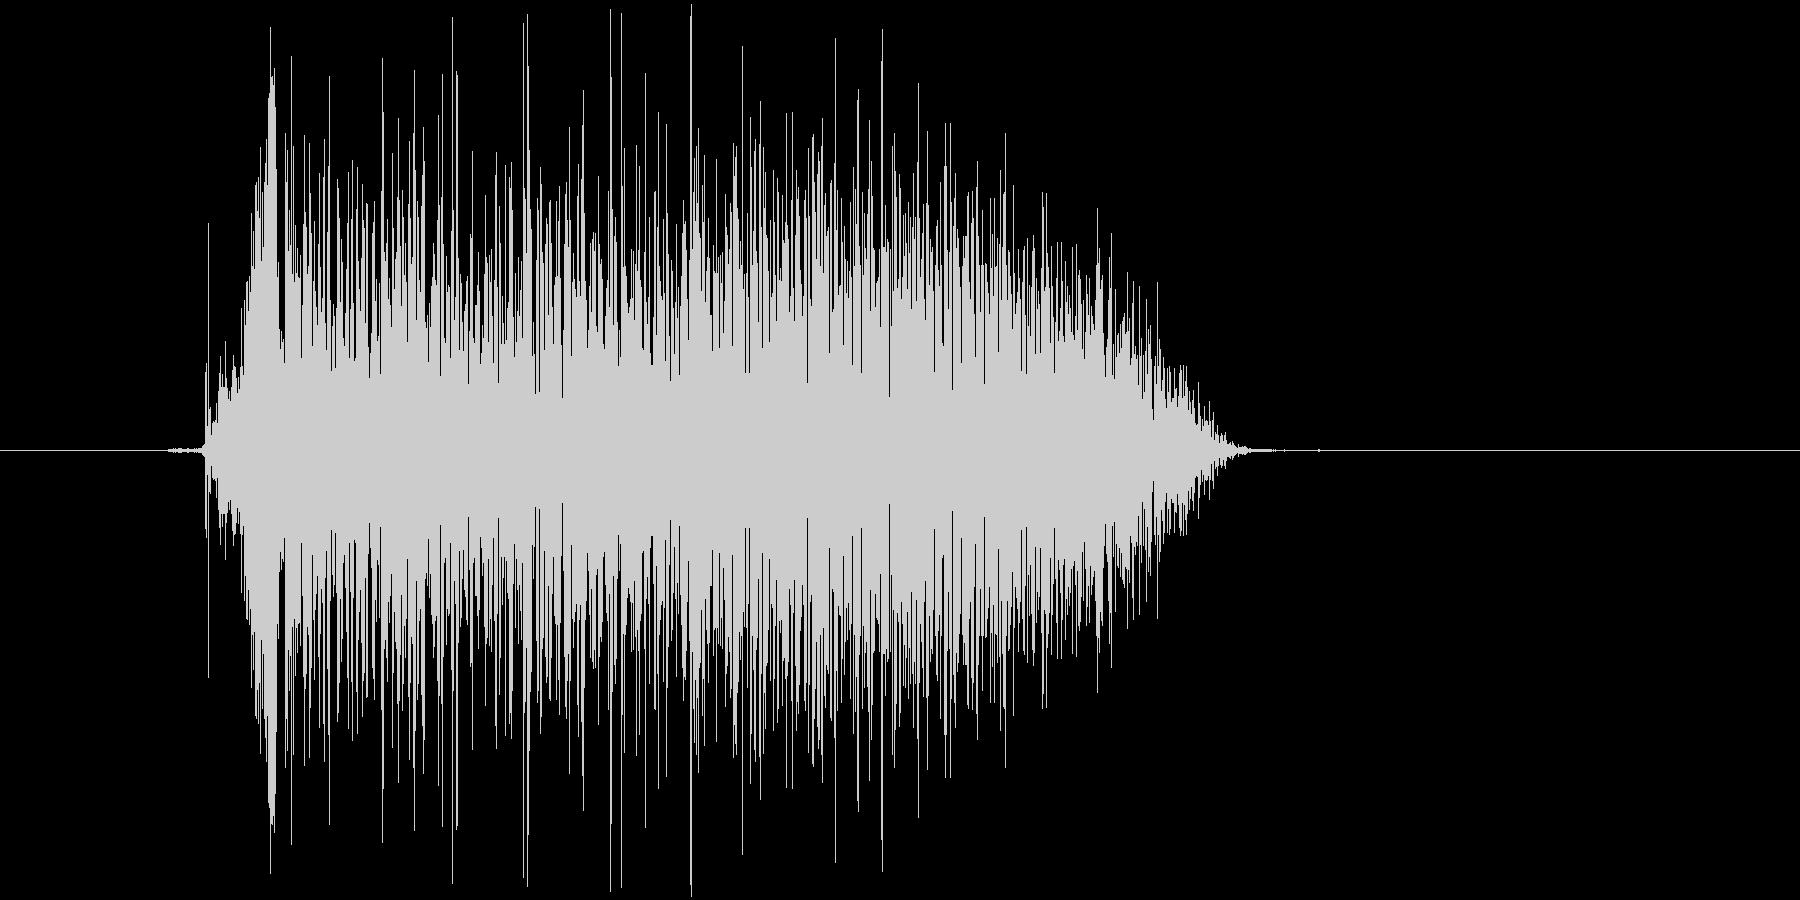 「ギャー」の未再生の波形